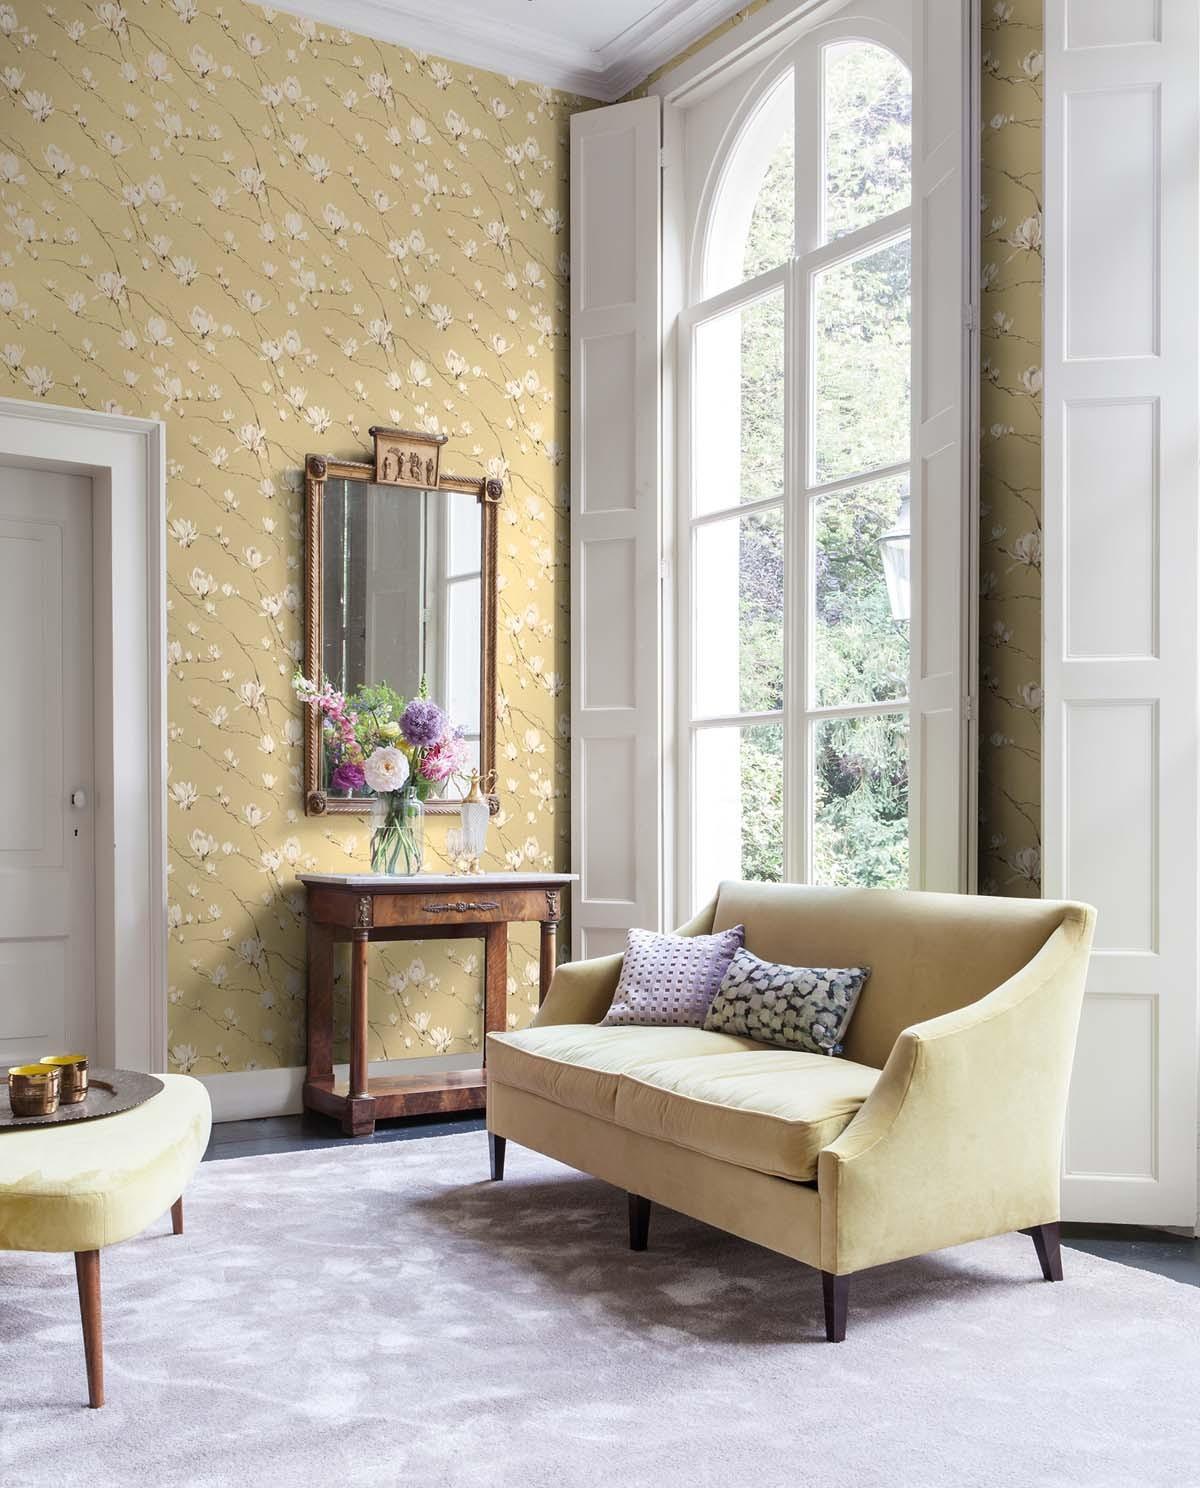 jaipur tapeten rasch textil rechnungskauf gratisversand. Black Bedroom Furniture Sets. Home Design Ideas